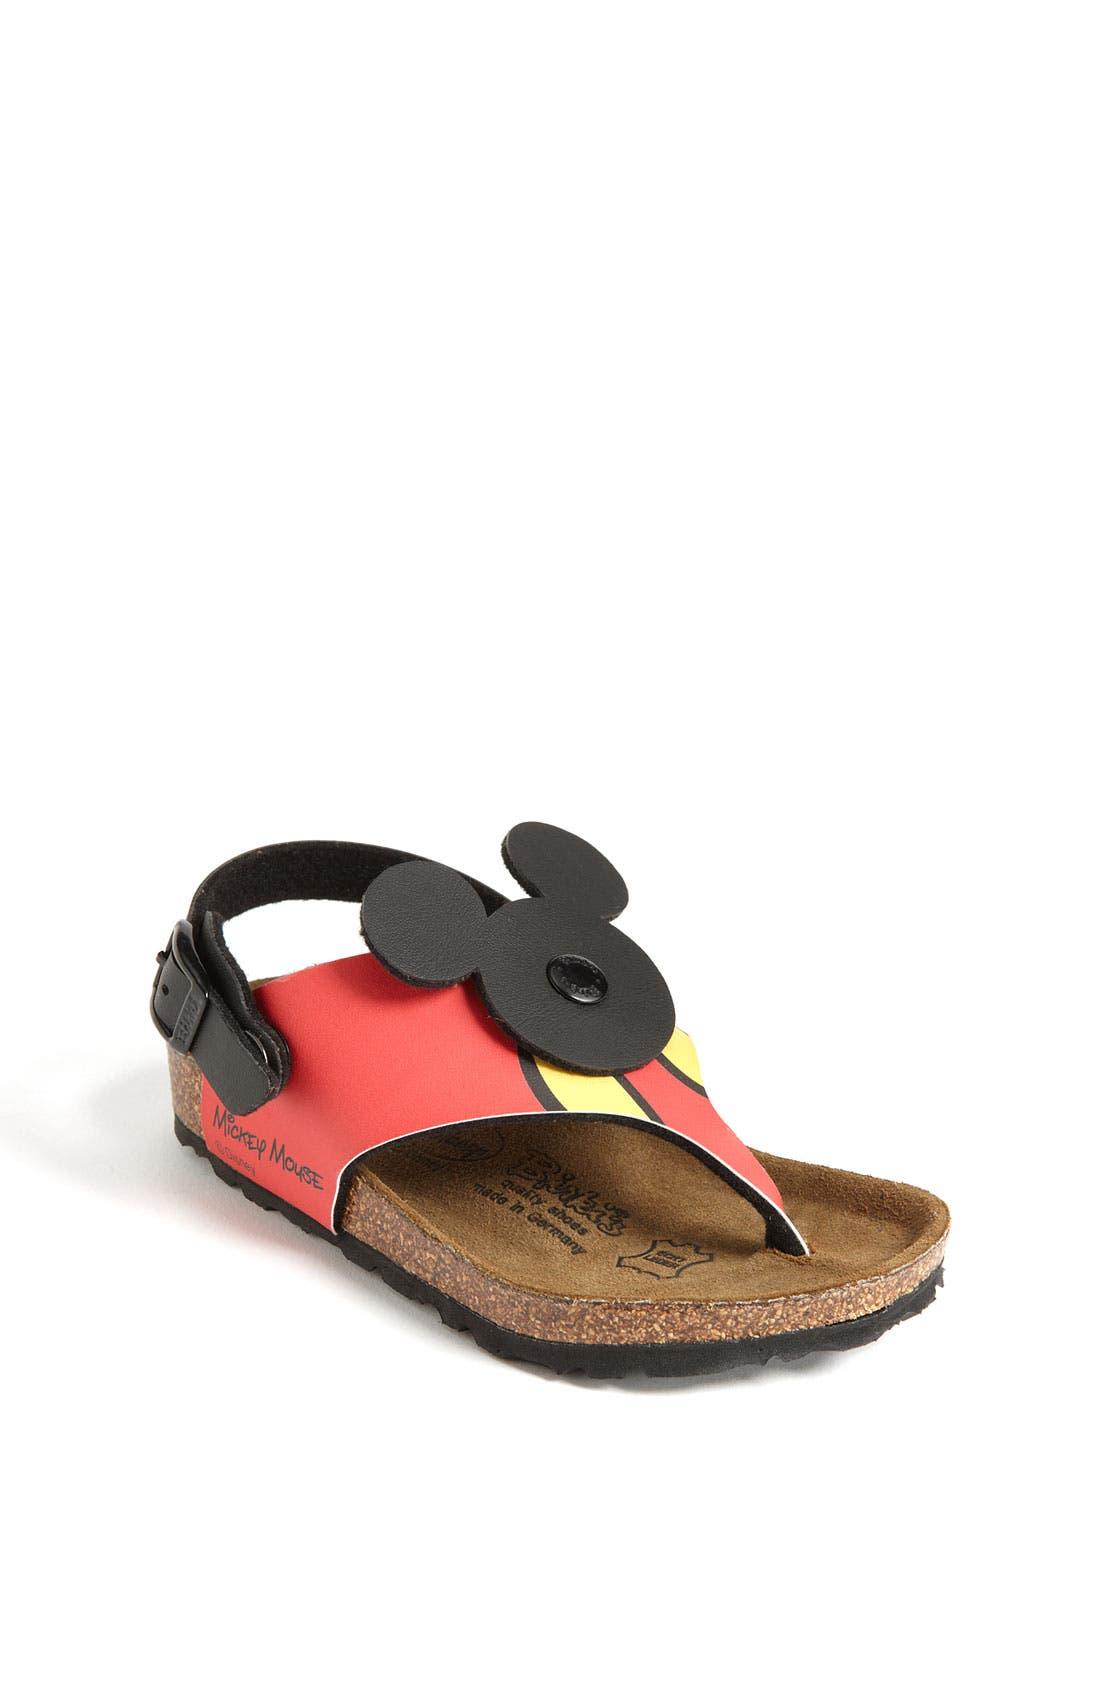 Alternate Image 1 Selected - Birki's® Kids 'Sumatra Mickey' Thong Sandal (Toddler & Little Kid)